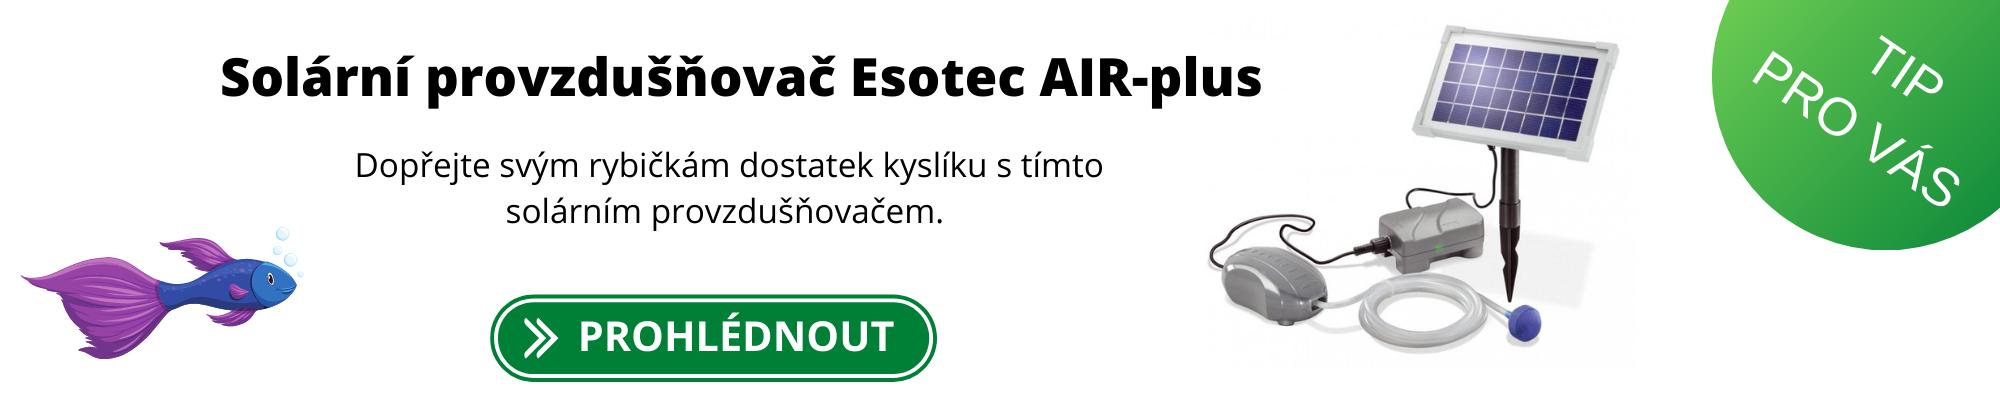 Solární provzdušňovač Esotec AIR-plus